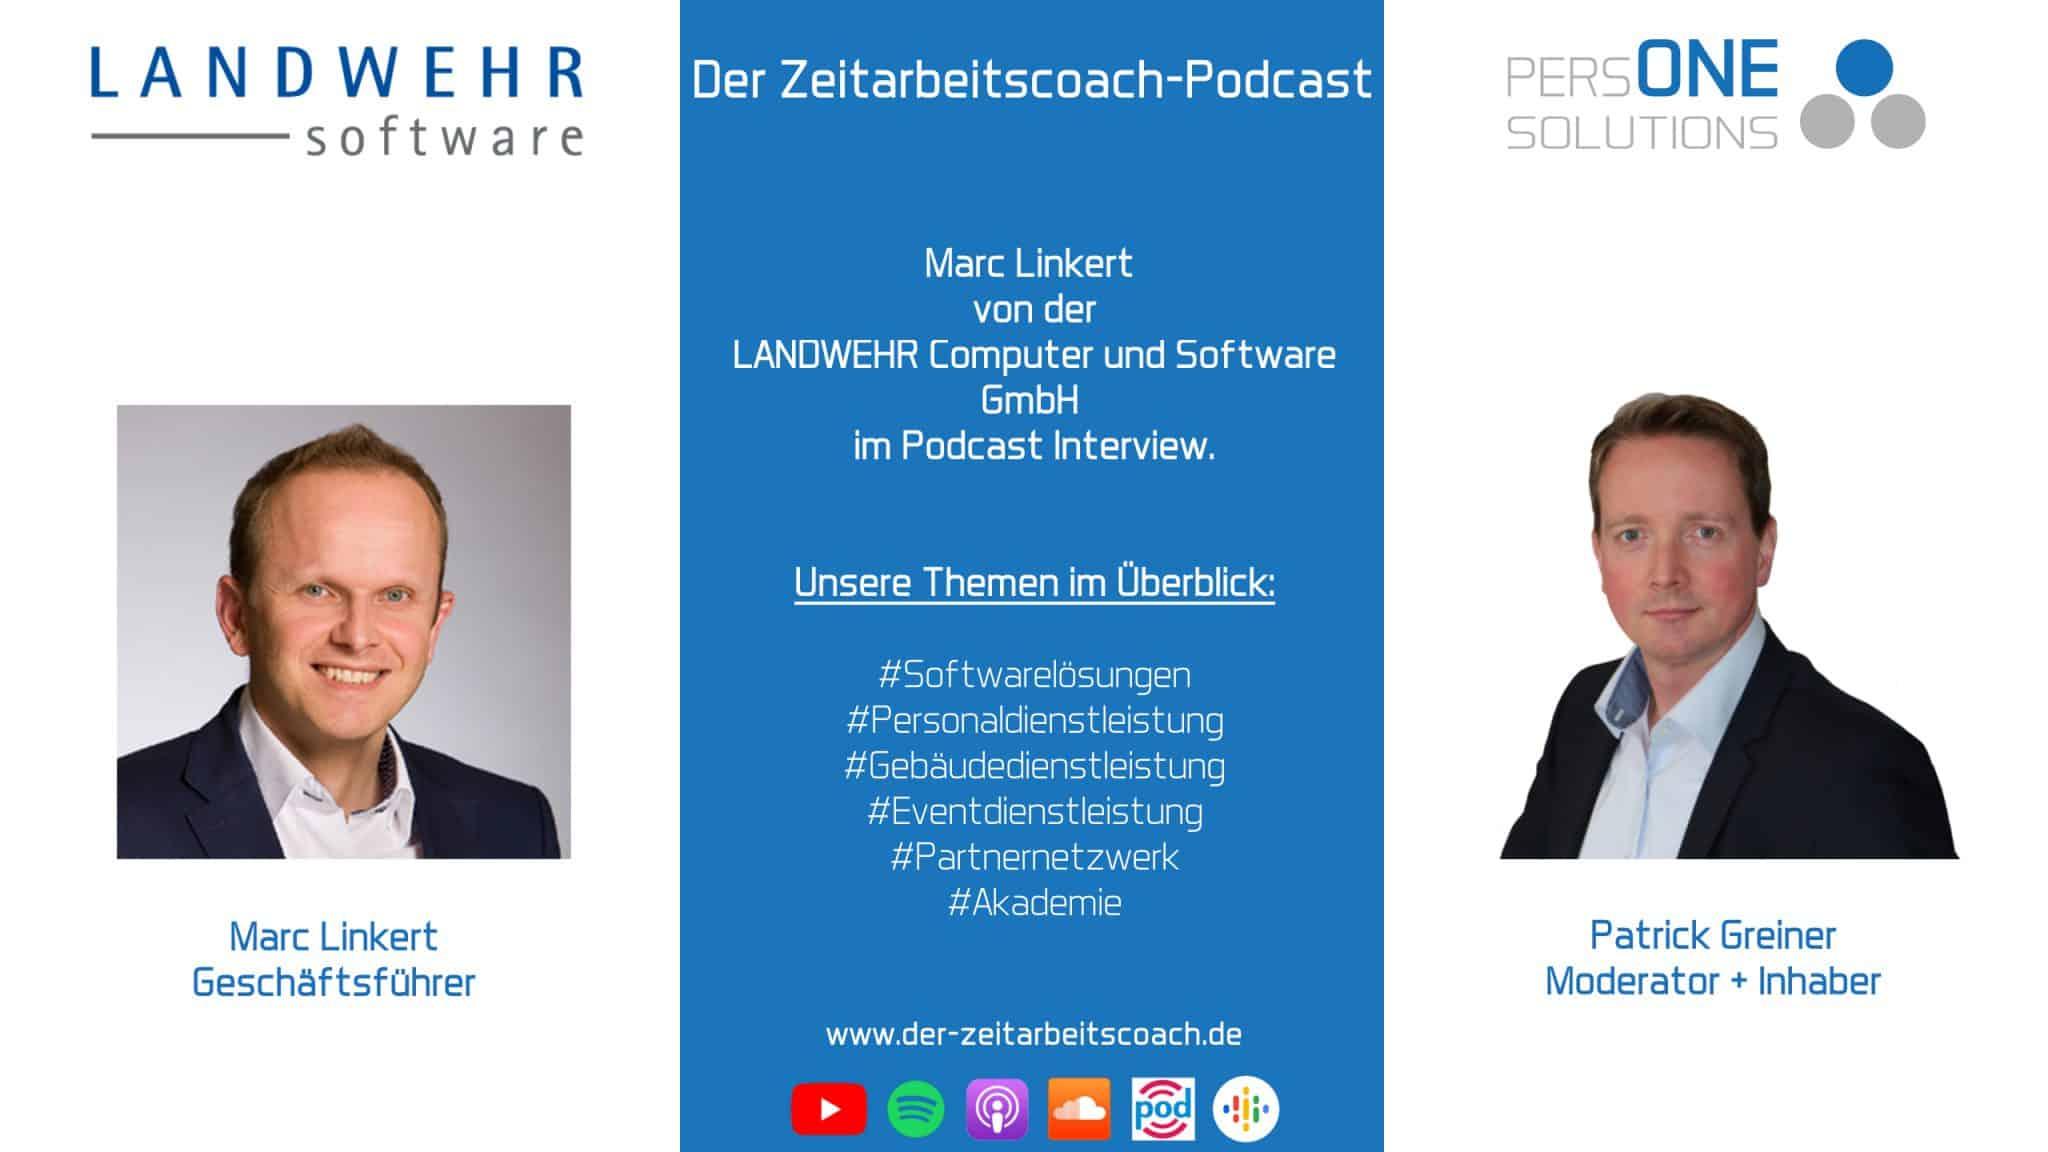 Linkert, Marc_Podcast Grafik-Interview YT_Zeitarbeitscoach-Podcast